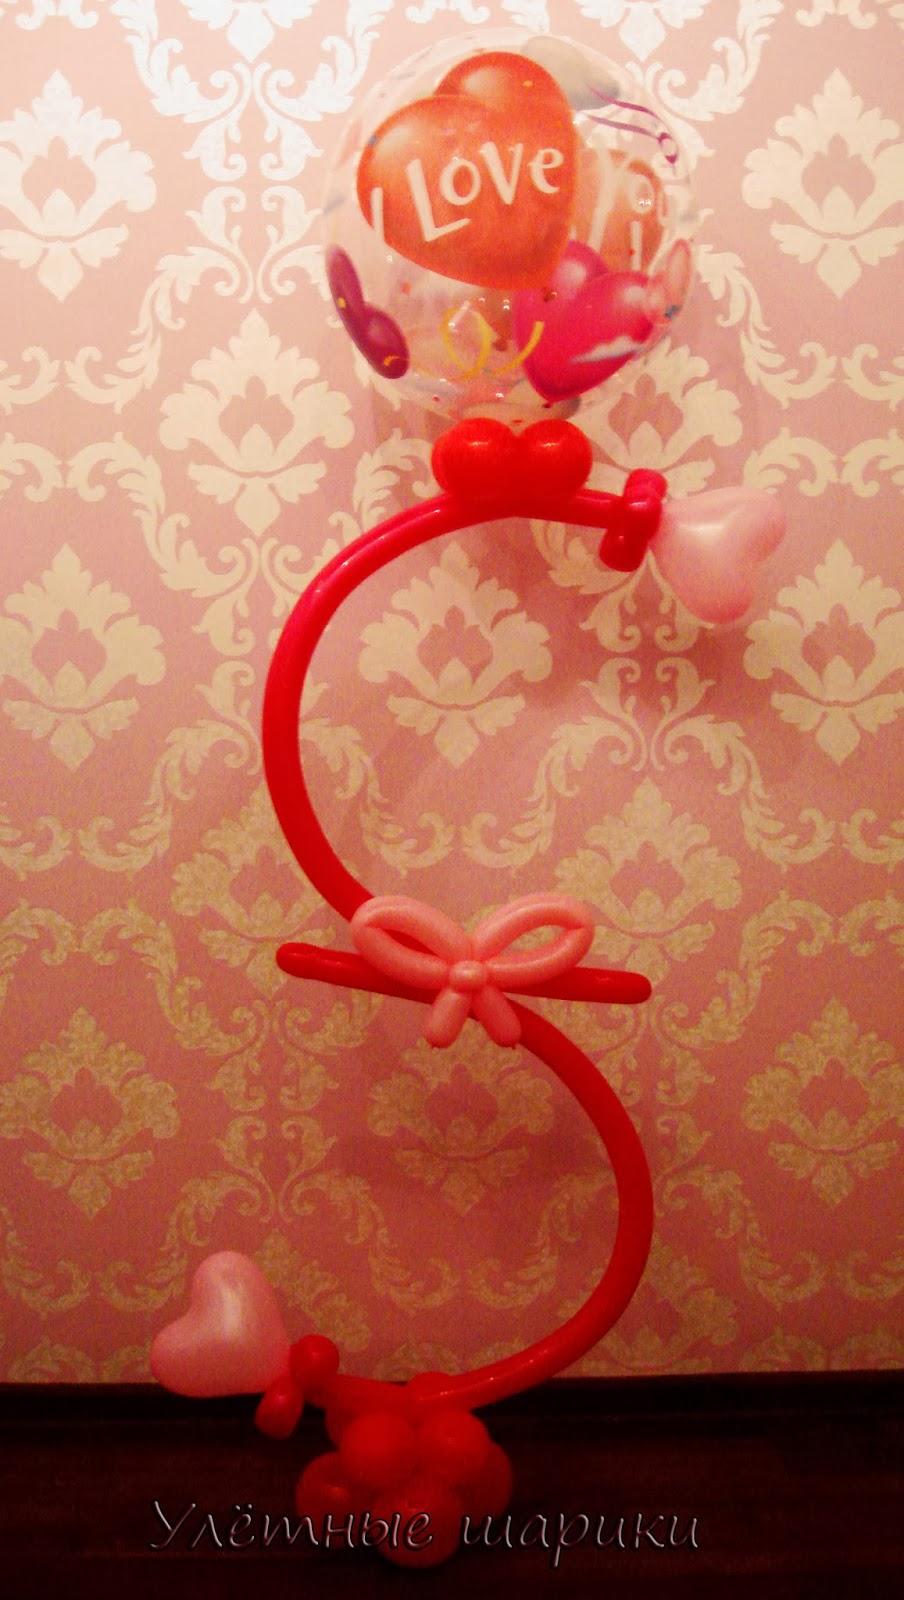 Композиция из воздушных шариков на влюбленную тематику